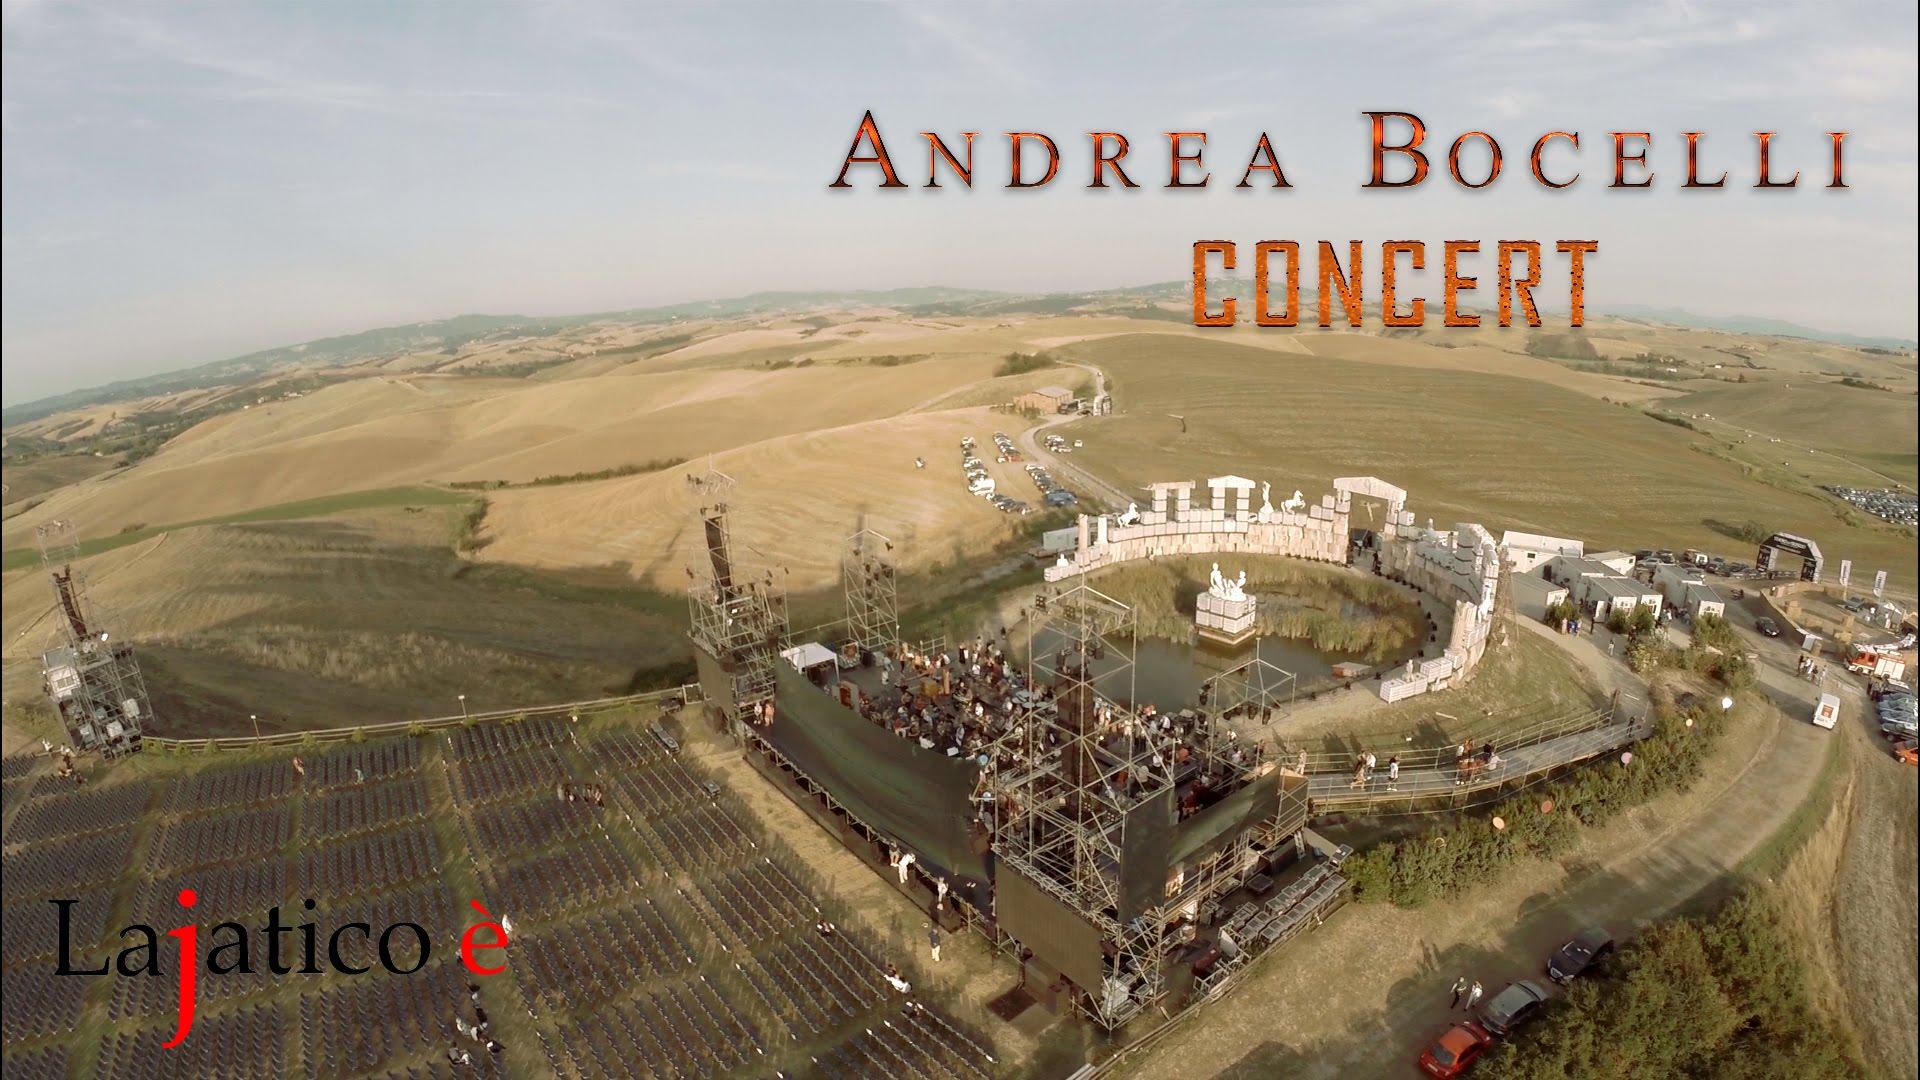 Andrea Bocelli - Teatro del Silenzio - Lajatico - 2018